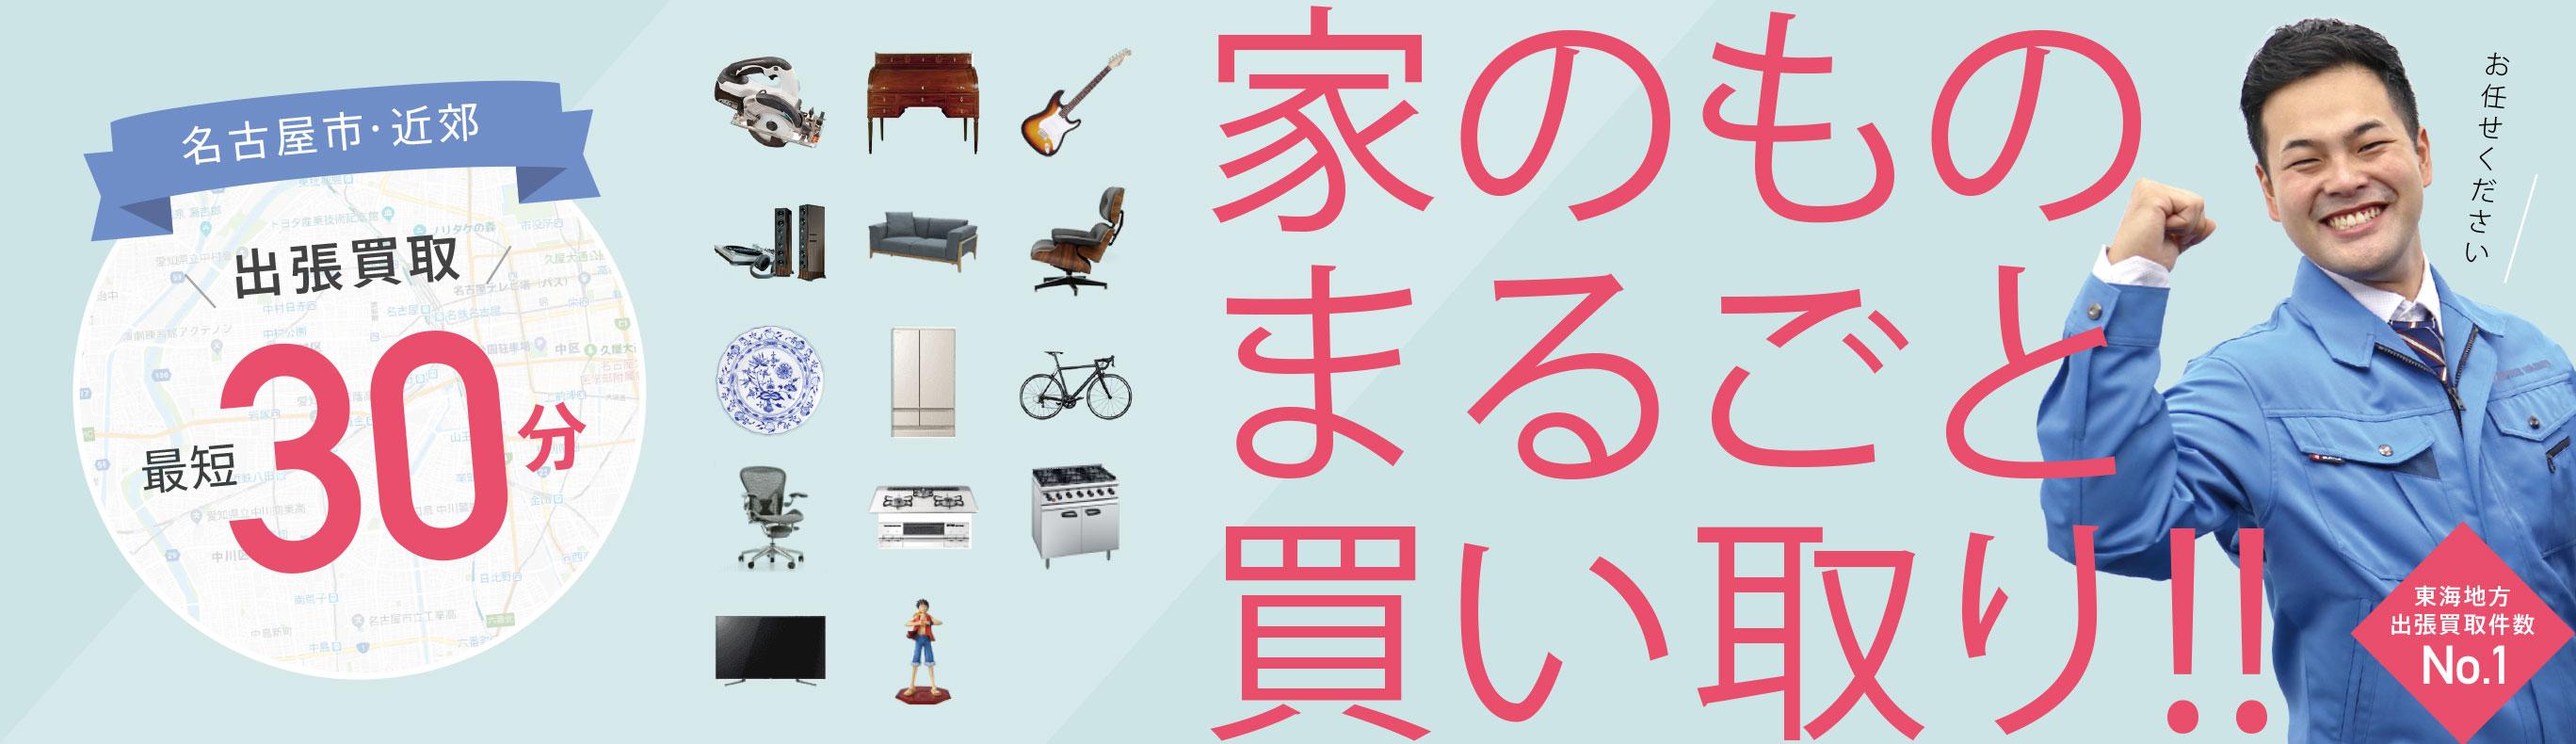 名古屋市・近郊 出張買取 最短30分 引越し・大掃除・大型家具・家電 まるでUder